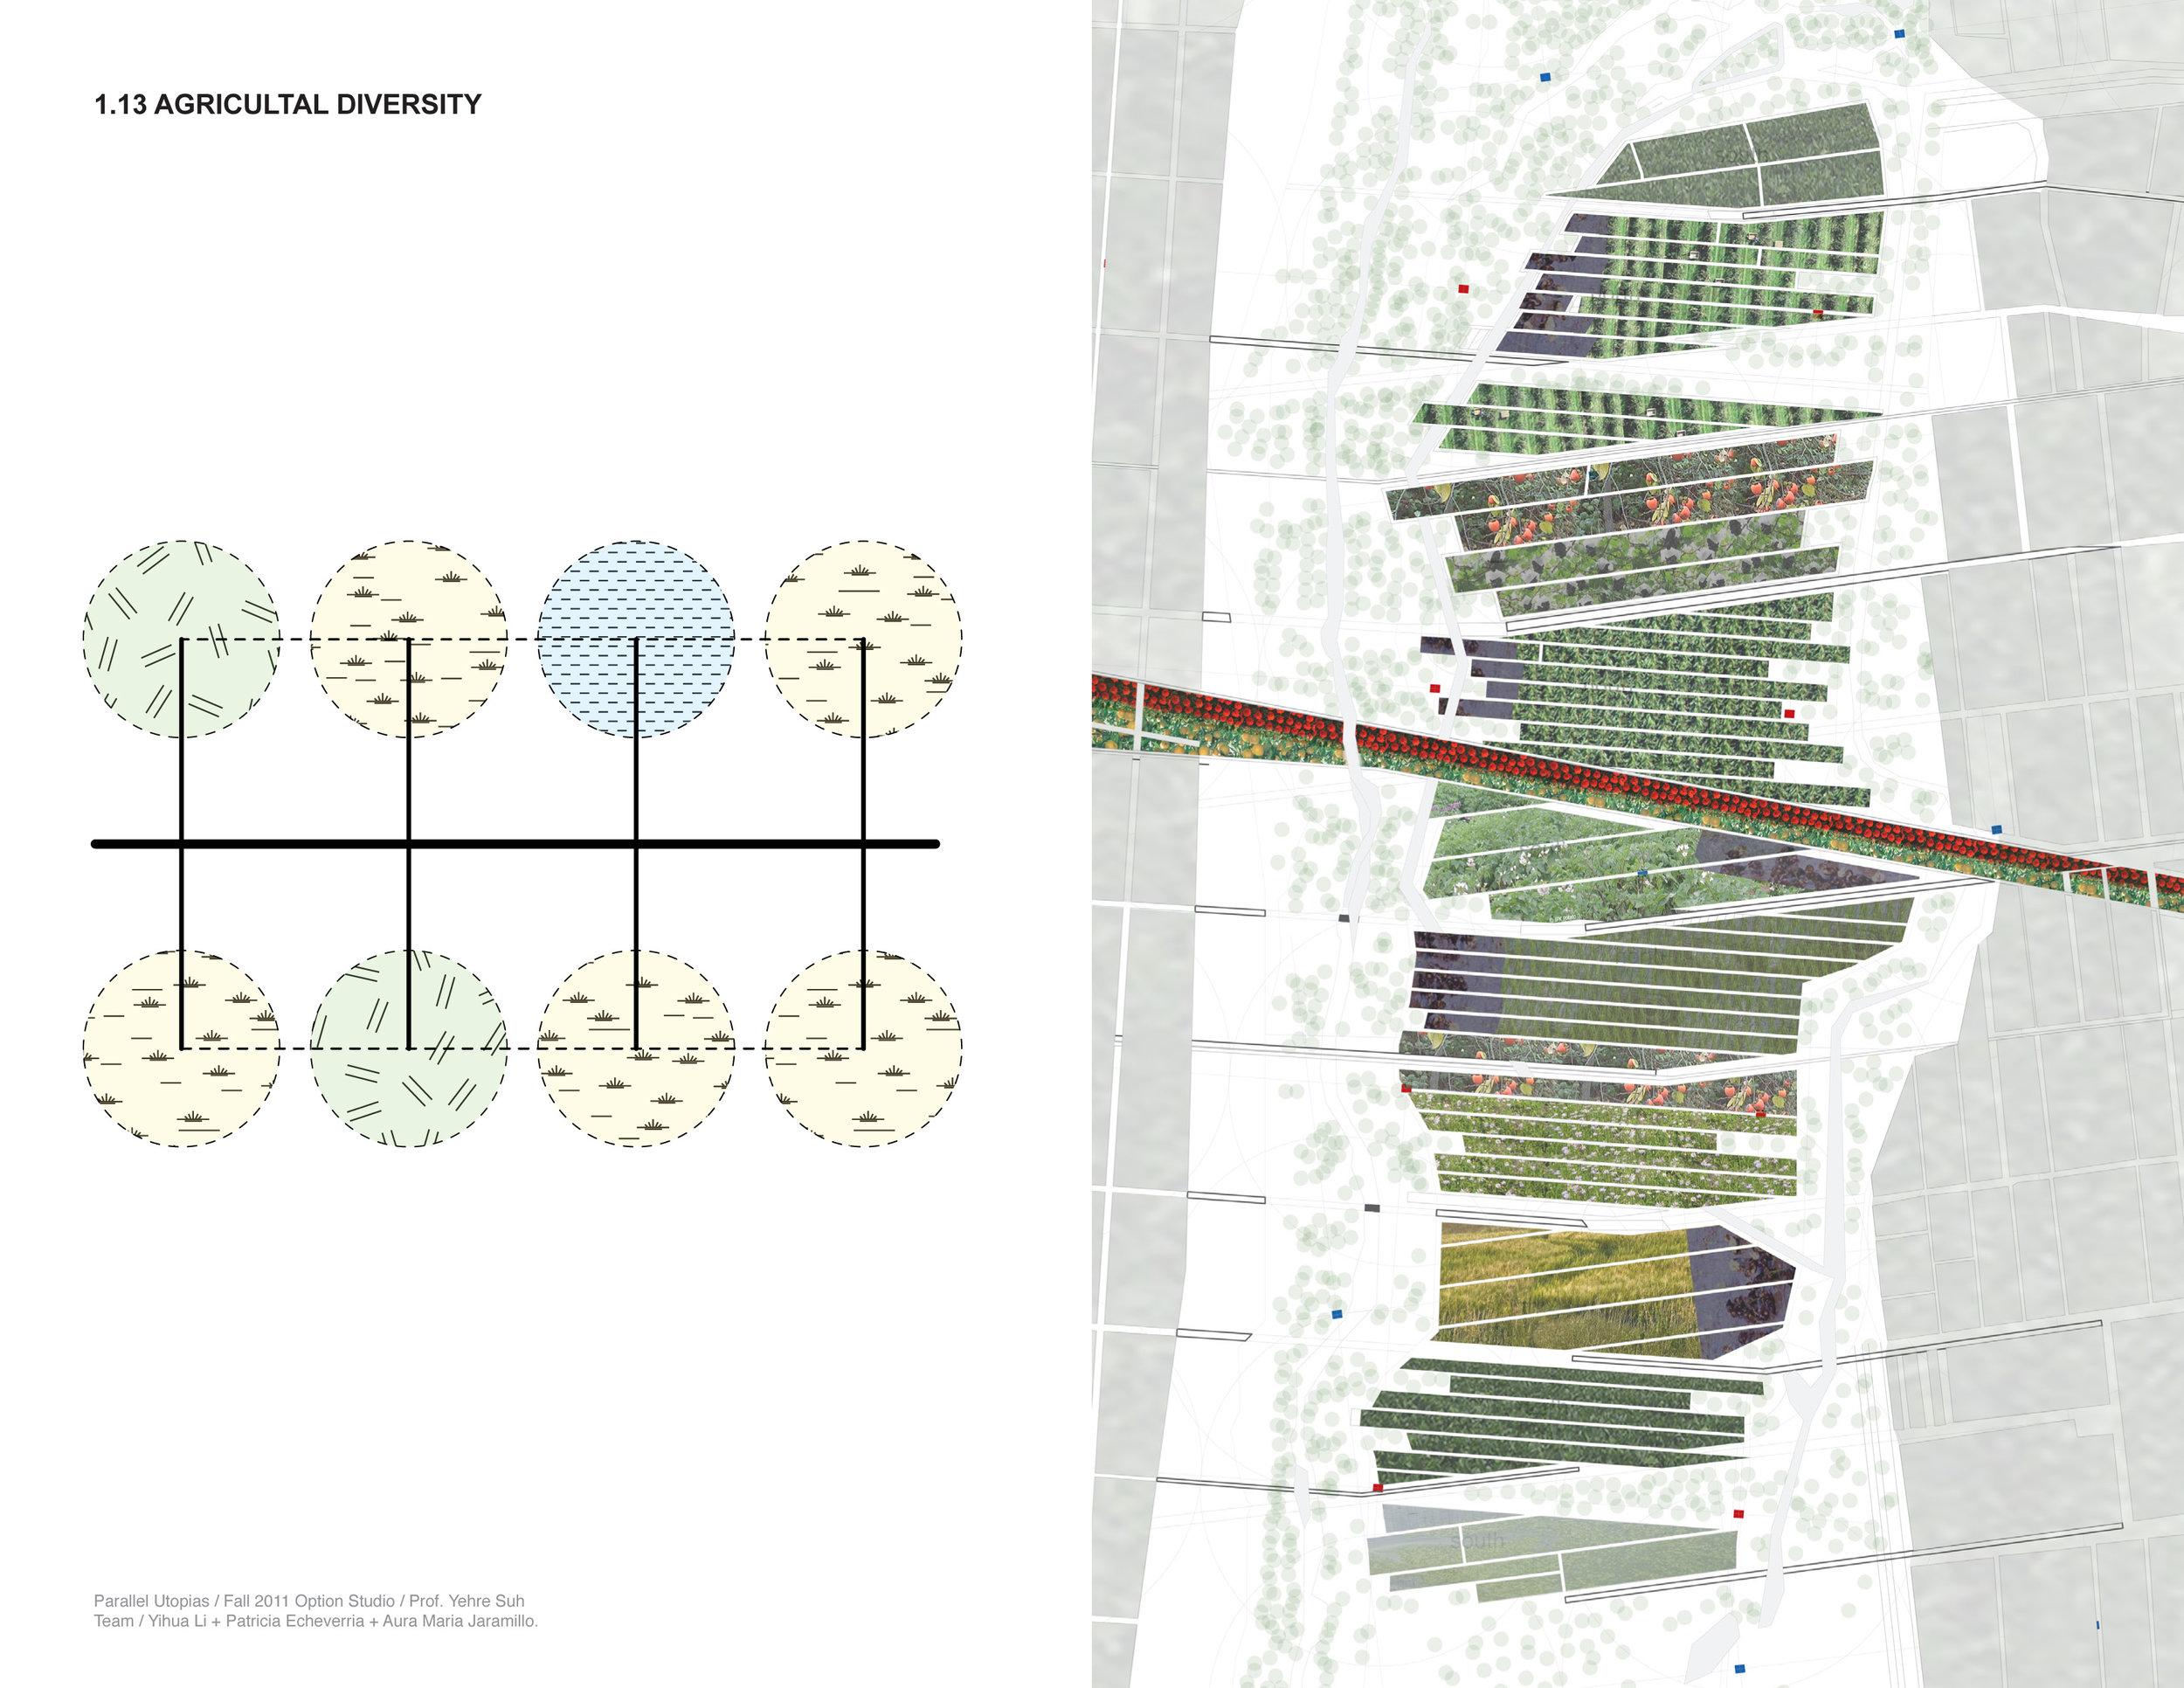 1.13agricultural_diversity.jpg